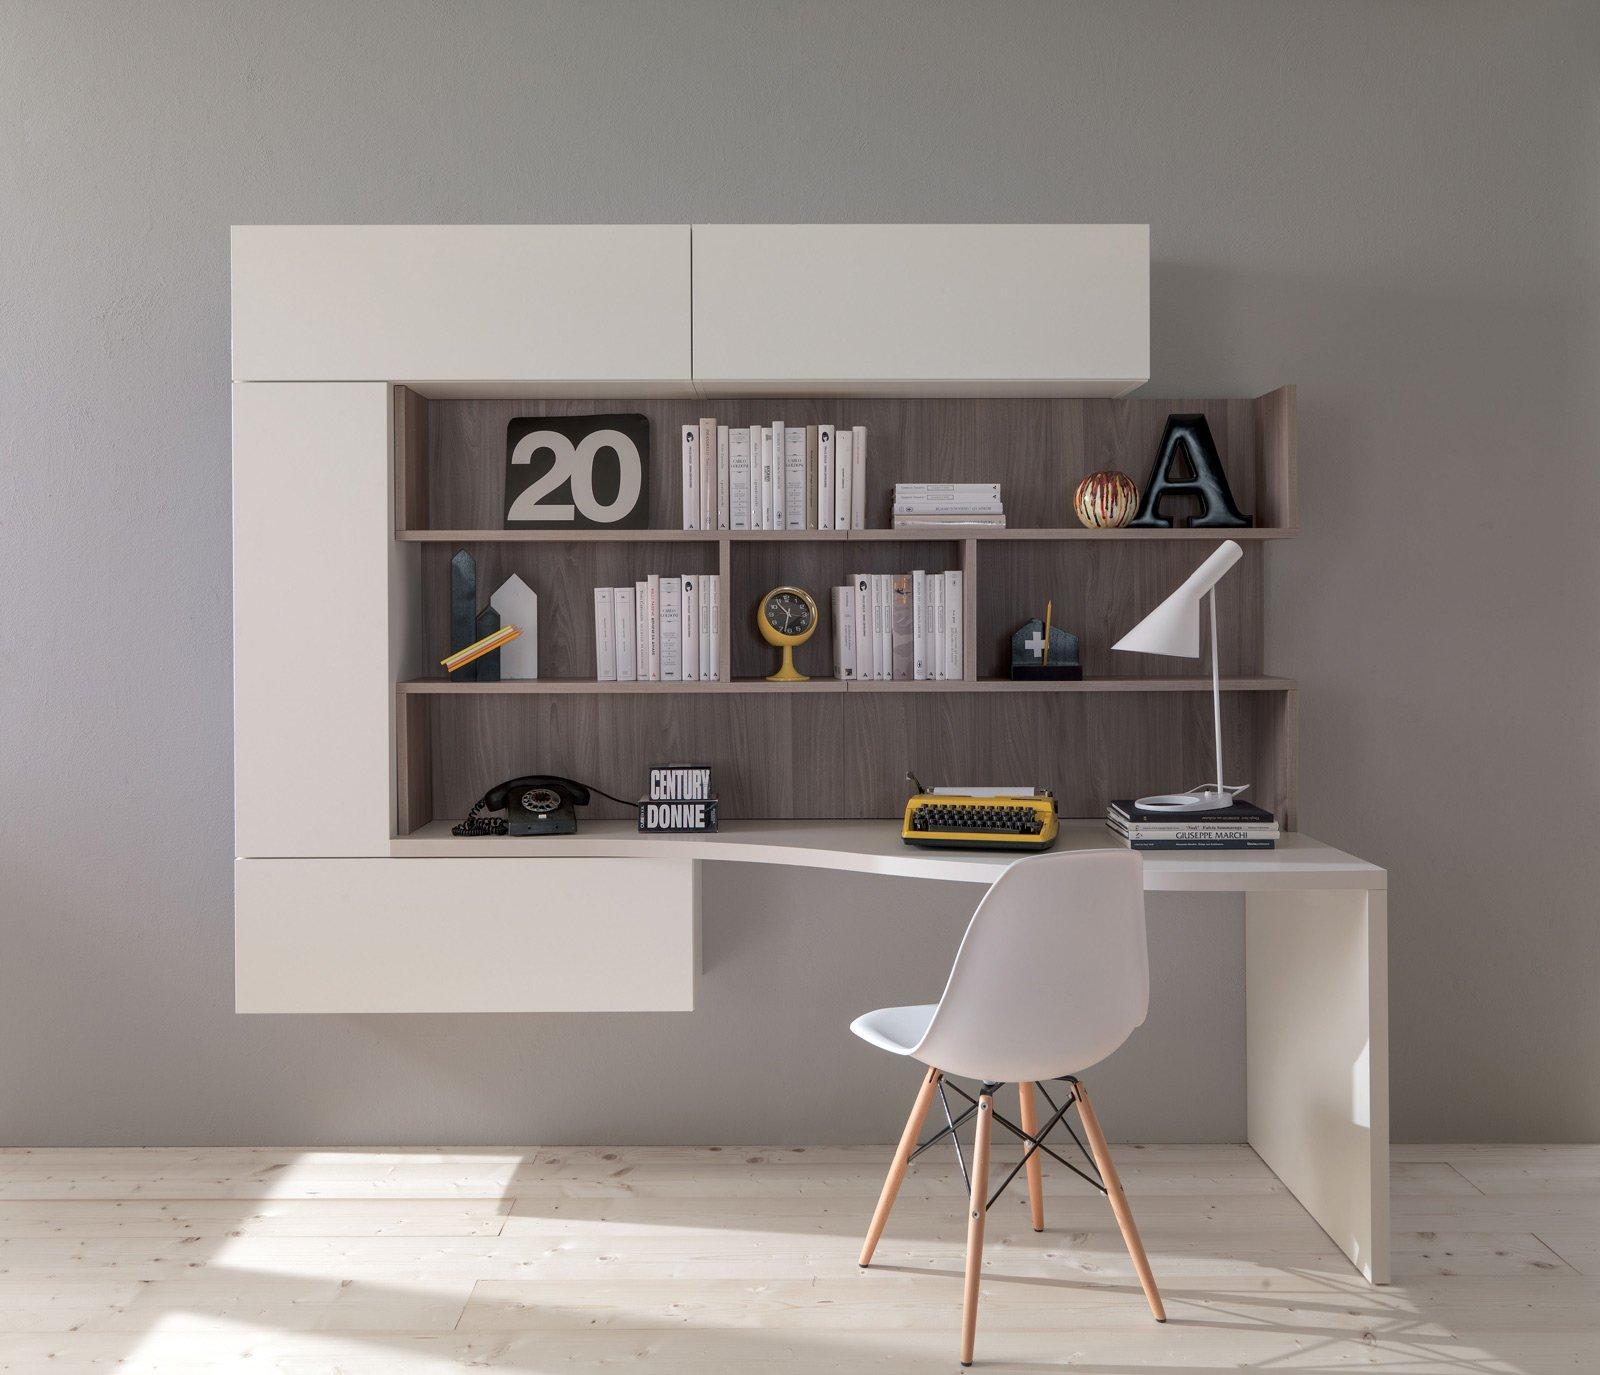 Soggiorno Con Angolo Studio : Angolo studio in soggiorno integrato nella libreria o